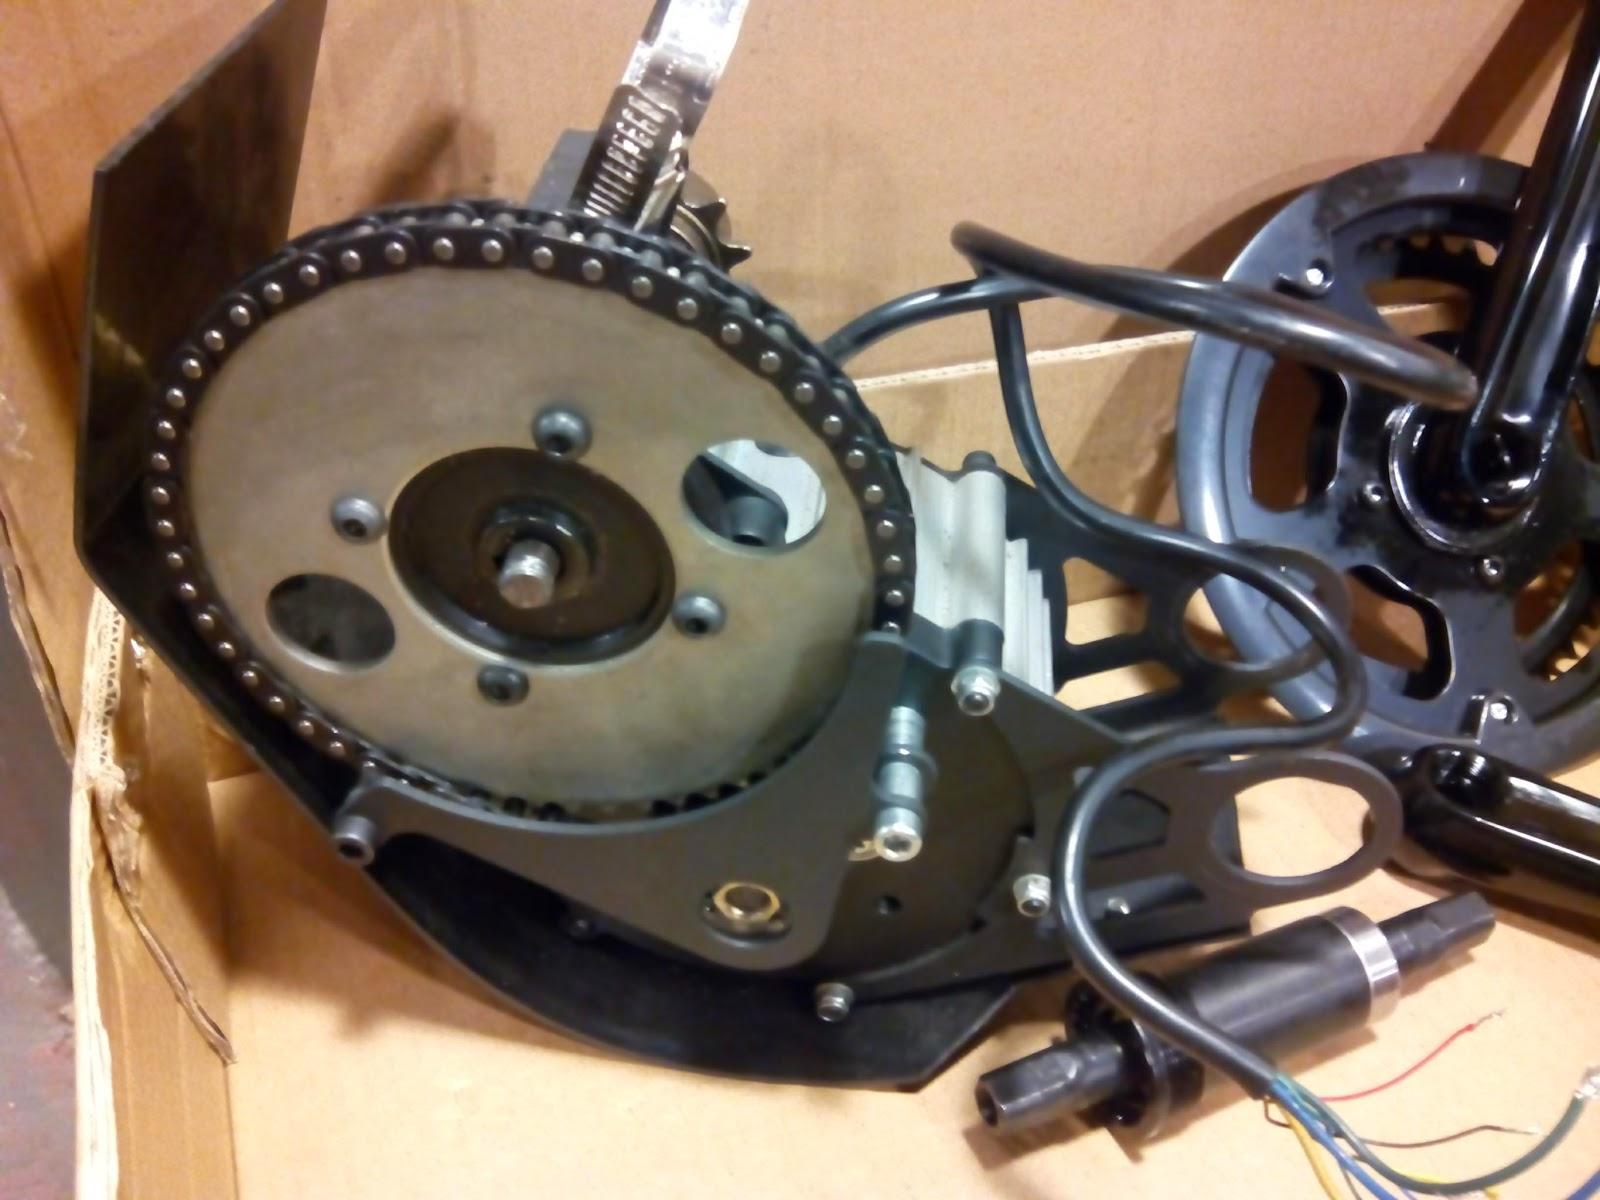 Vendido Kit GNG motor central  IMG_20141214_191925